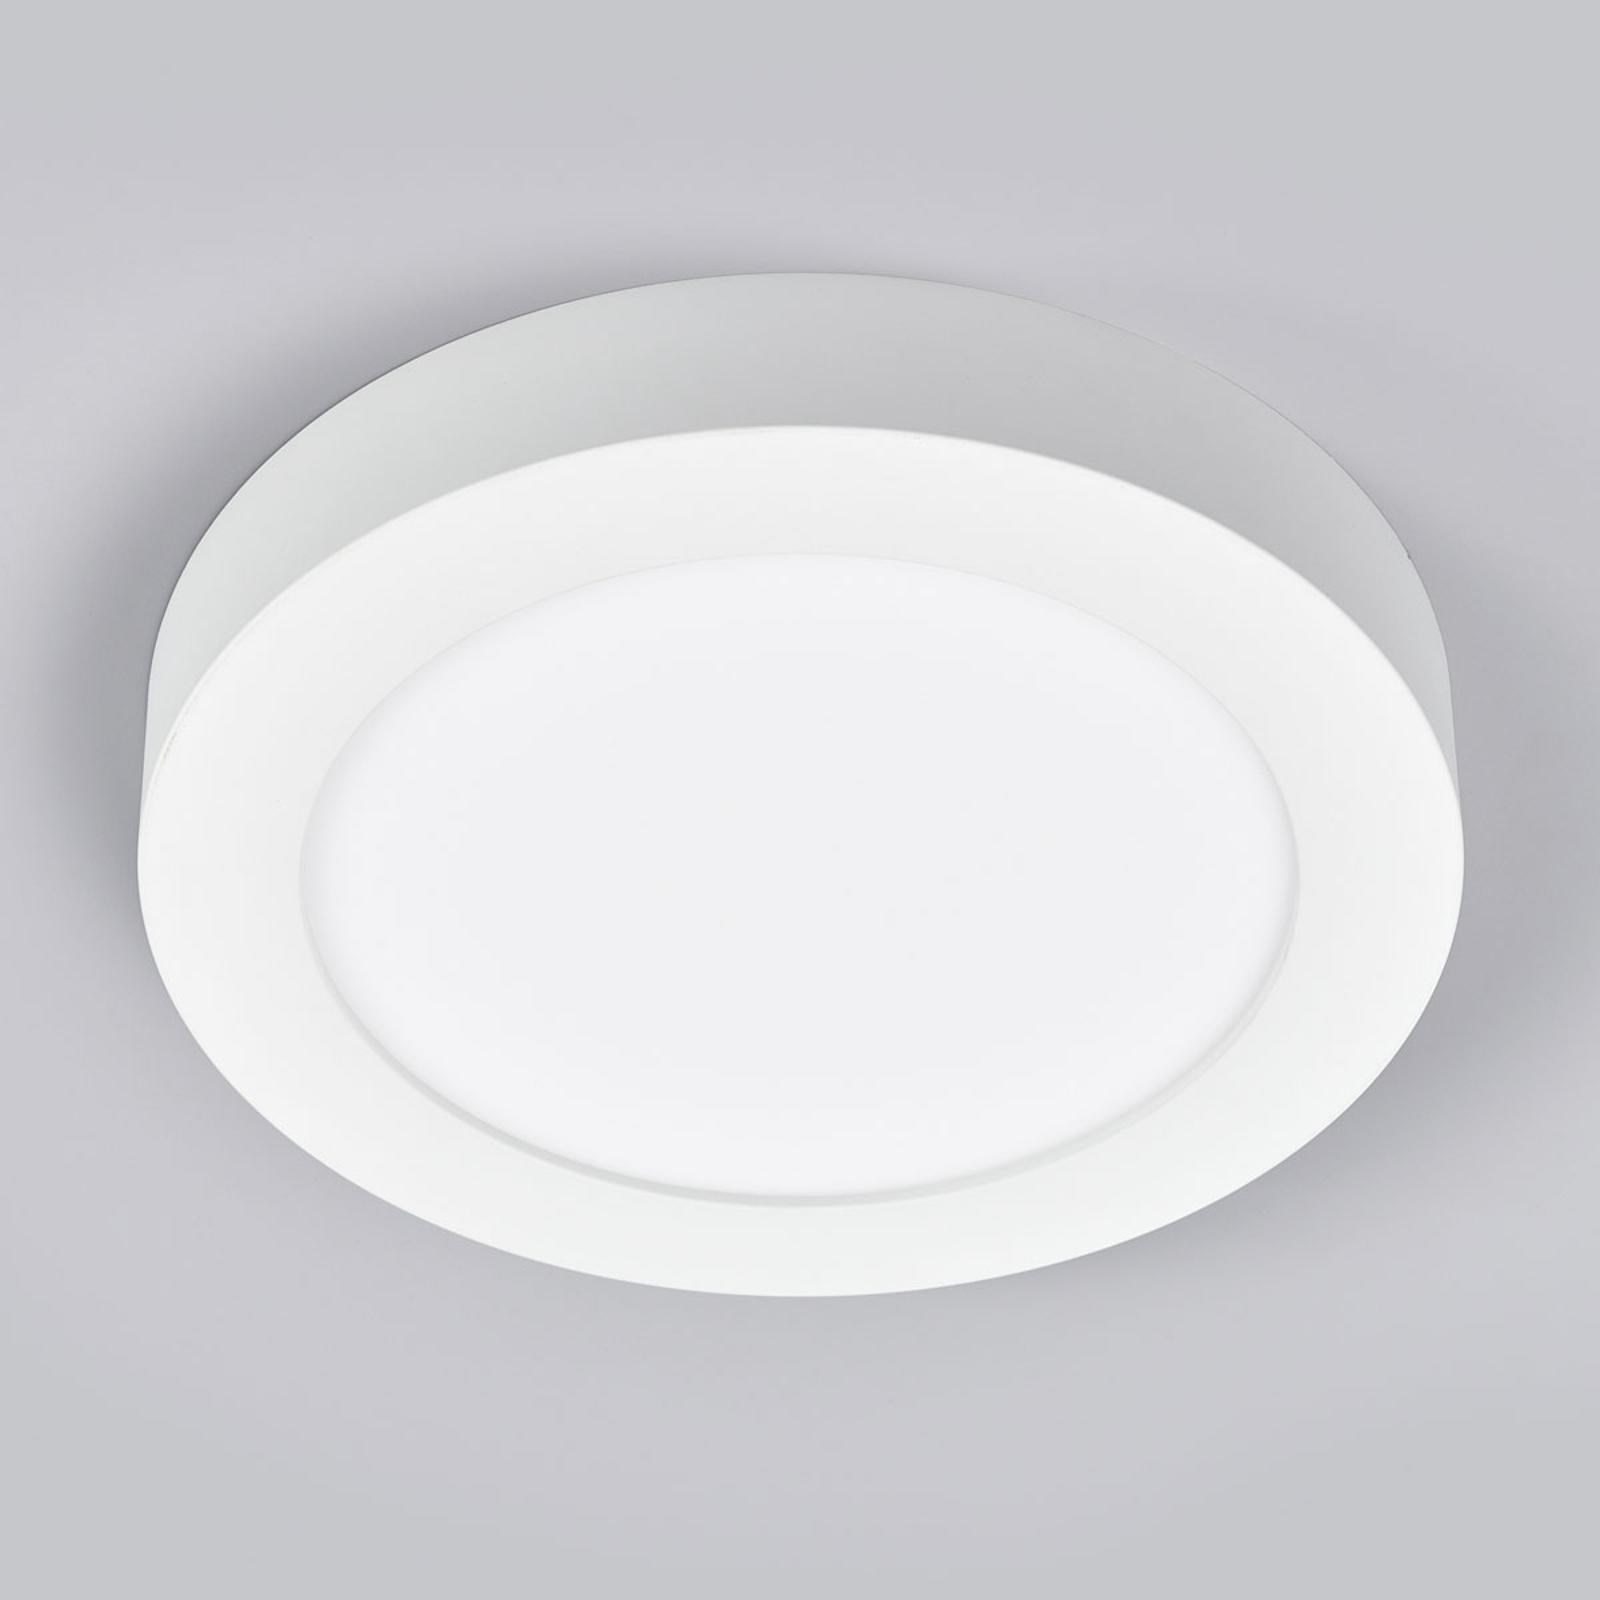 LED-Deckenlampe Marlo weiß 4000K rund 25,2cm